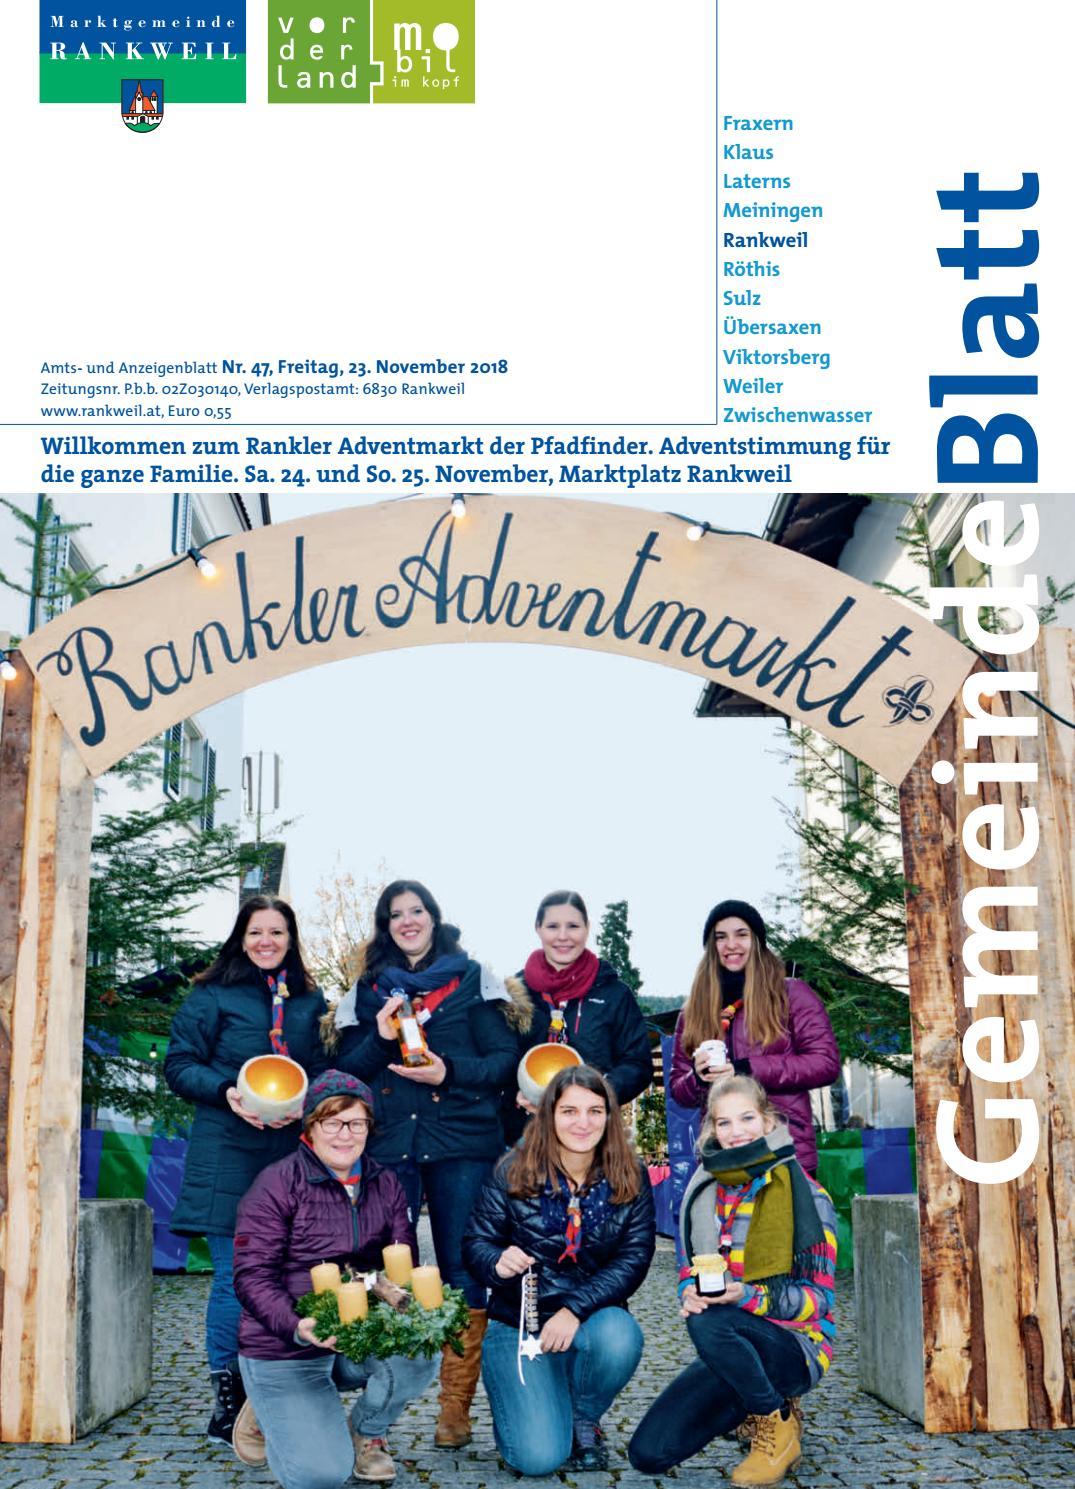 Gemeindeblatt Rankweil 2018 Woche 47 By Rankweil Issuu